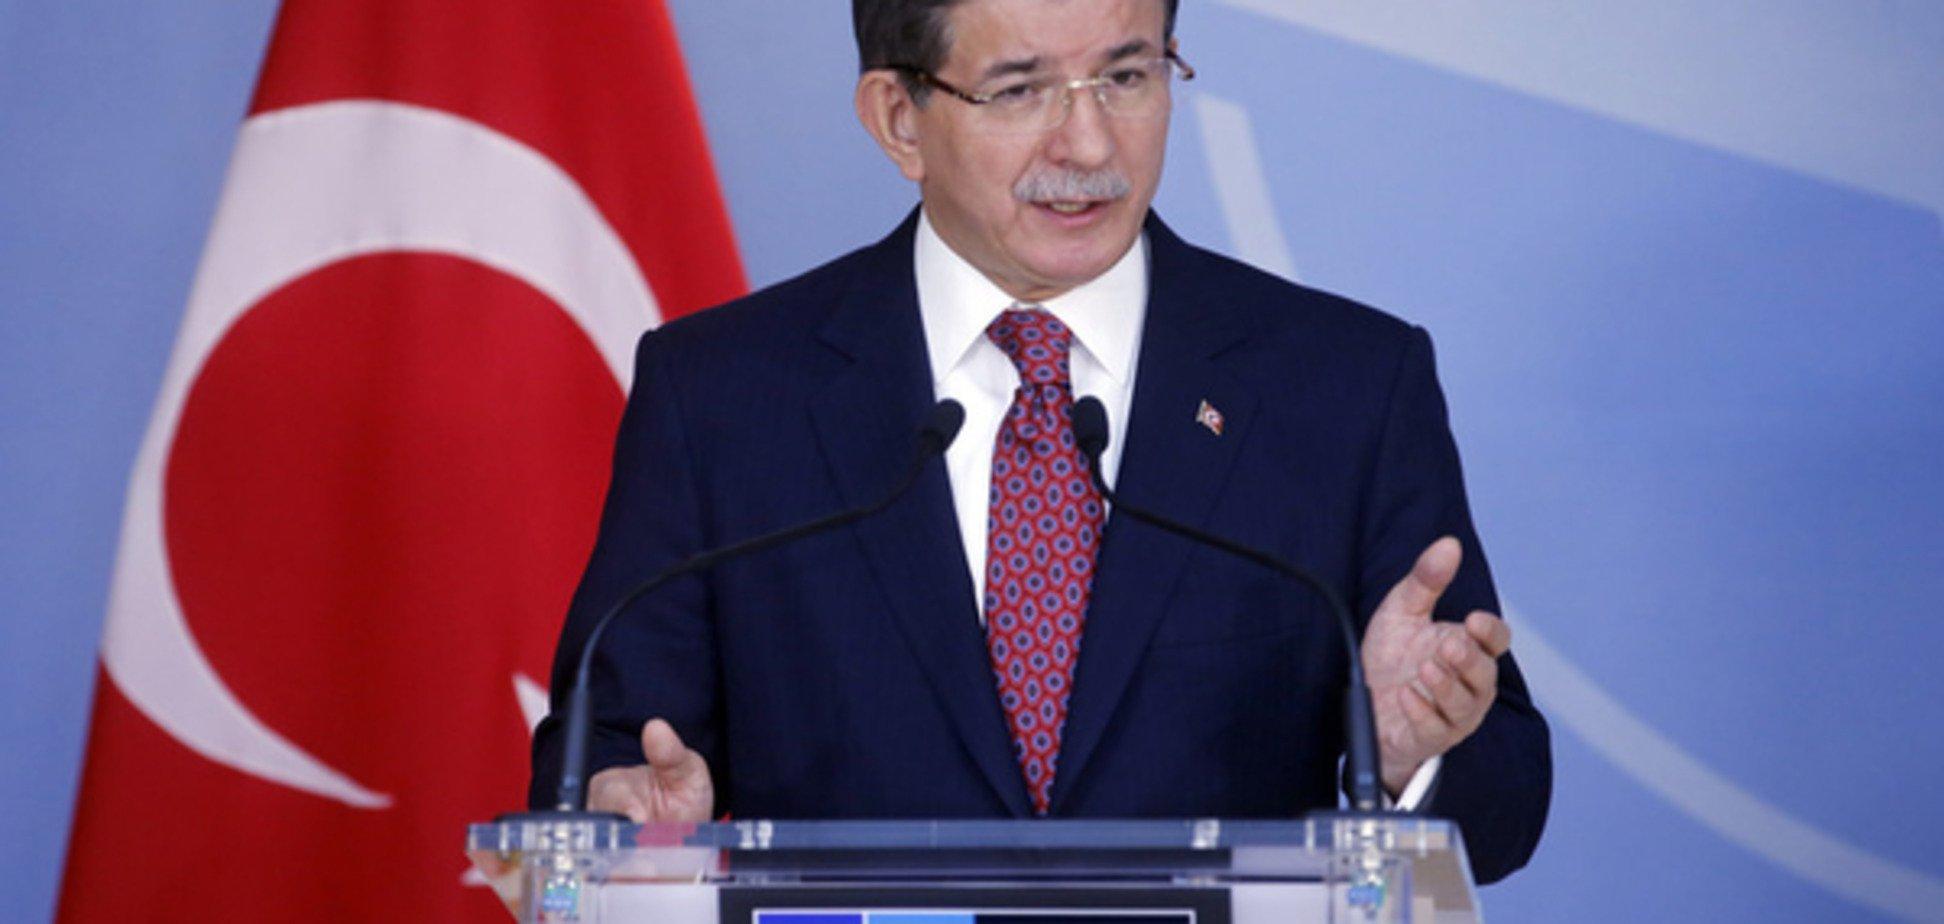 'Нафта ІДІЛ': Туреччина висміяла 'радянську пропаганду' Росії